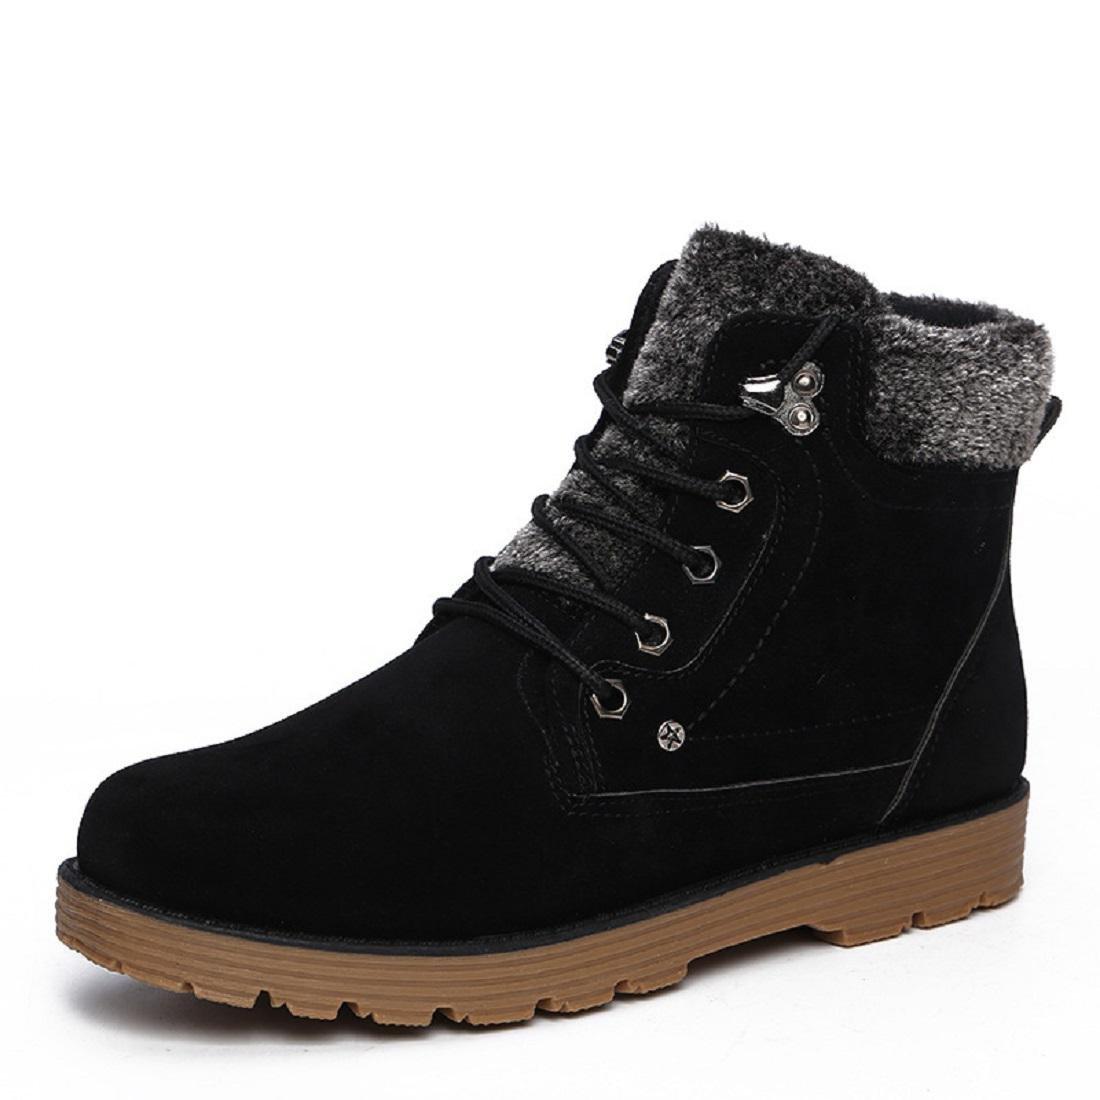 Herren Herbst Winter Plus Kaschmir Warm halten Flache Schuhe Lässige Schuhe Schutz Fuß Draussen Schneestiefel EUR GRÖSSE 39-44